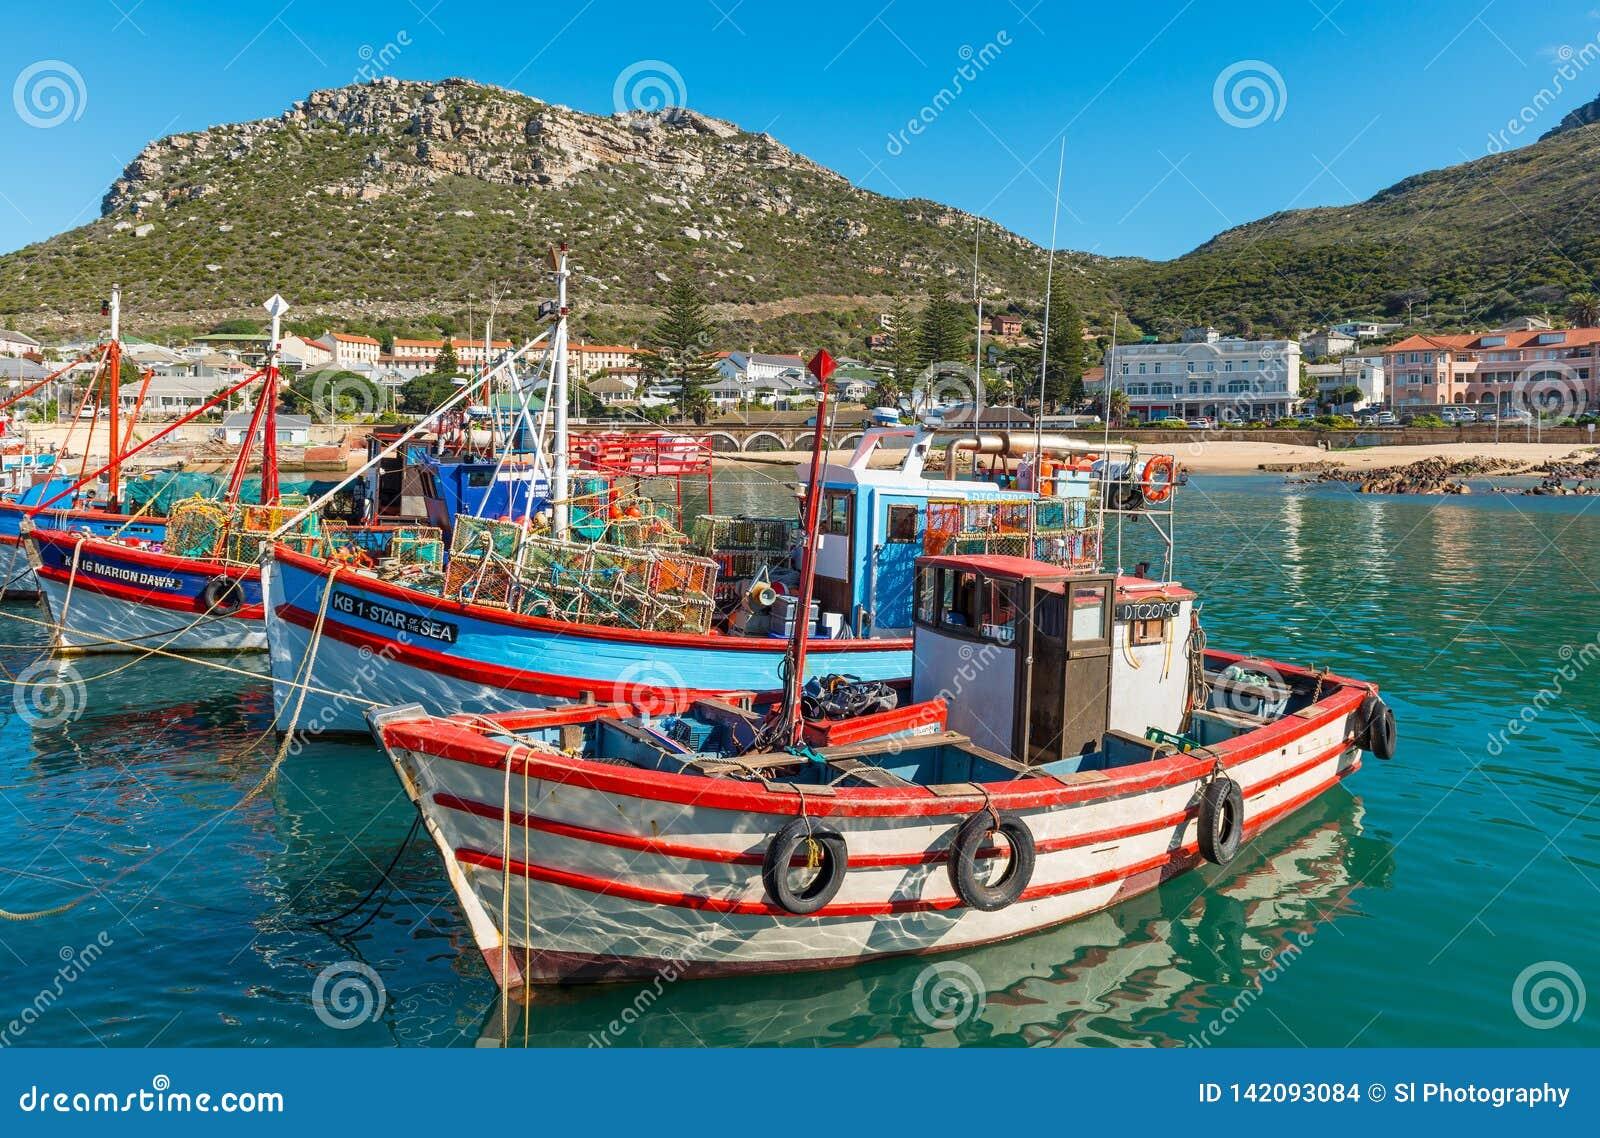 Barcos de pesca na baía de Kalk, Cape Town, África do Sul